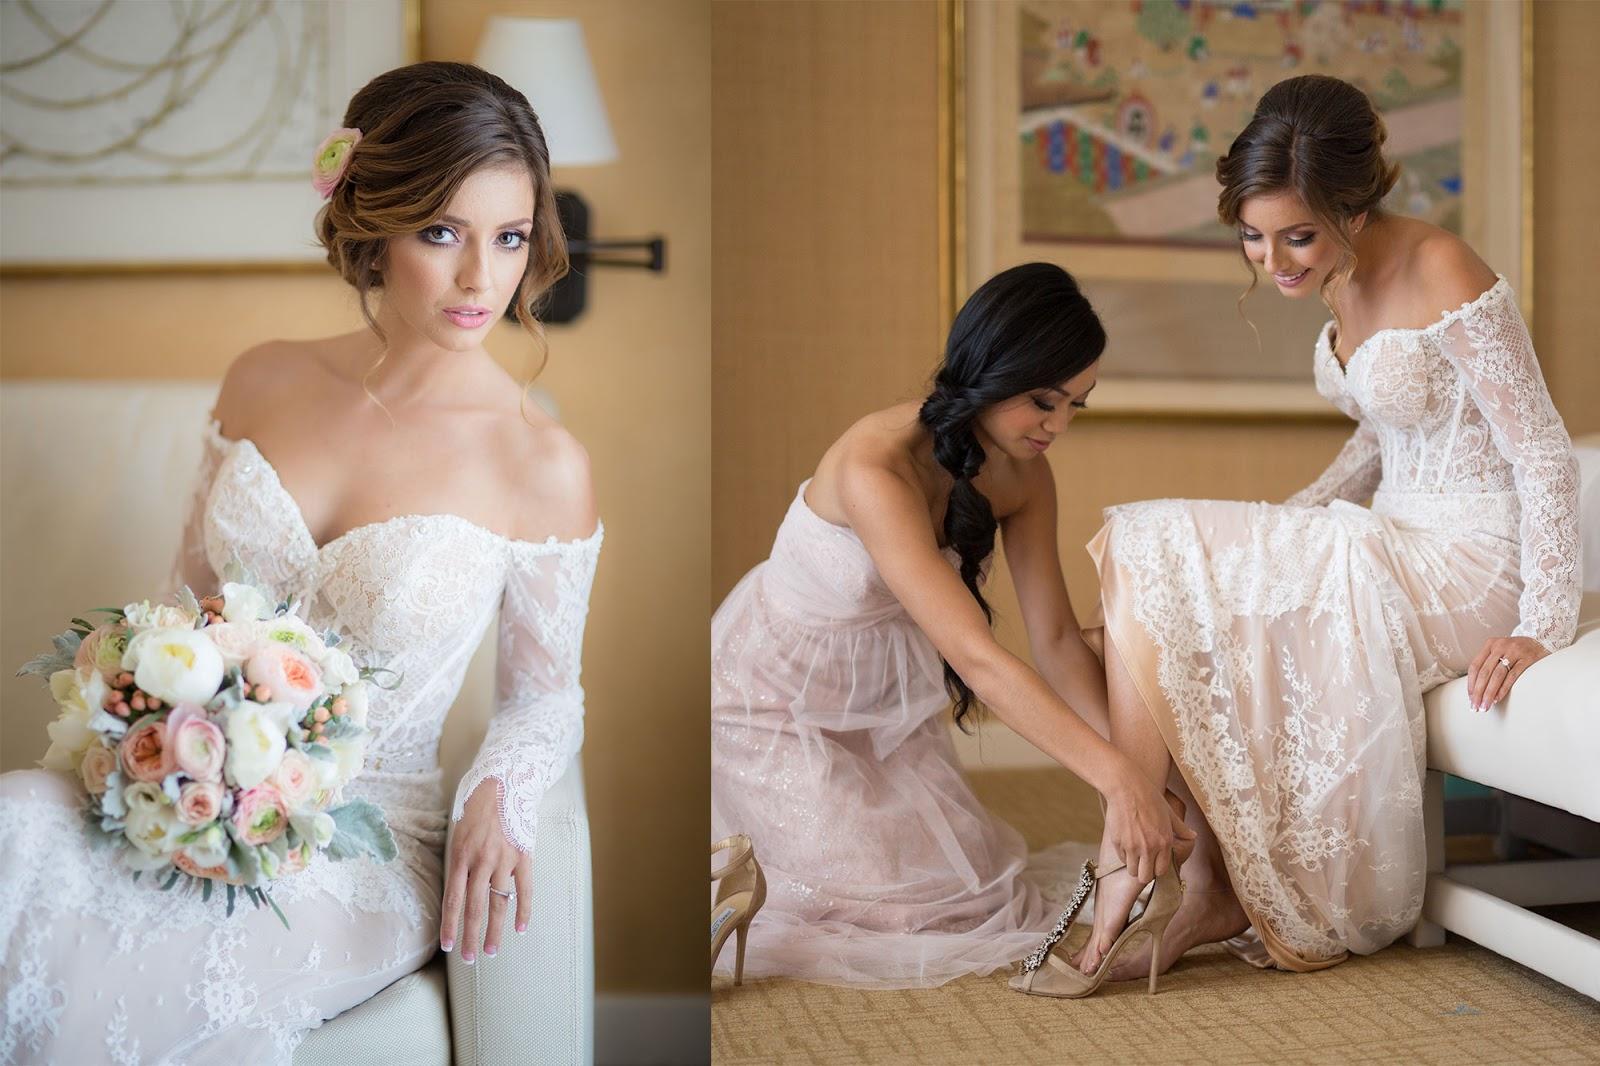 чувство как правильно позировать на фотосессии невесты вам